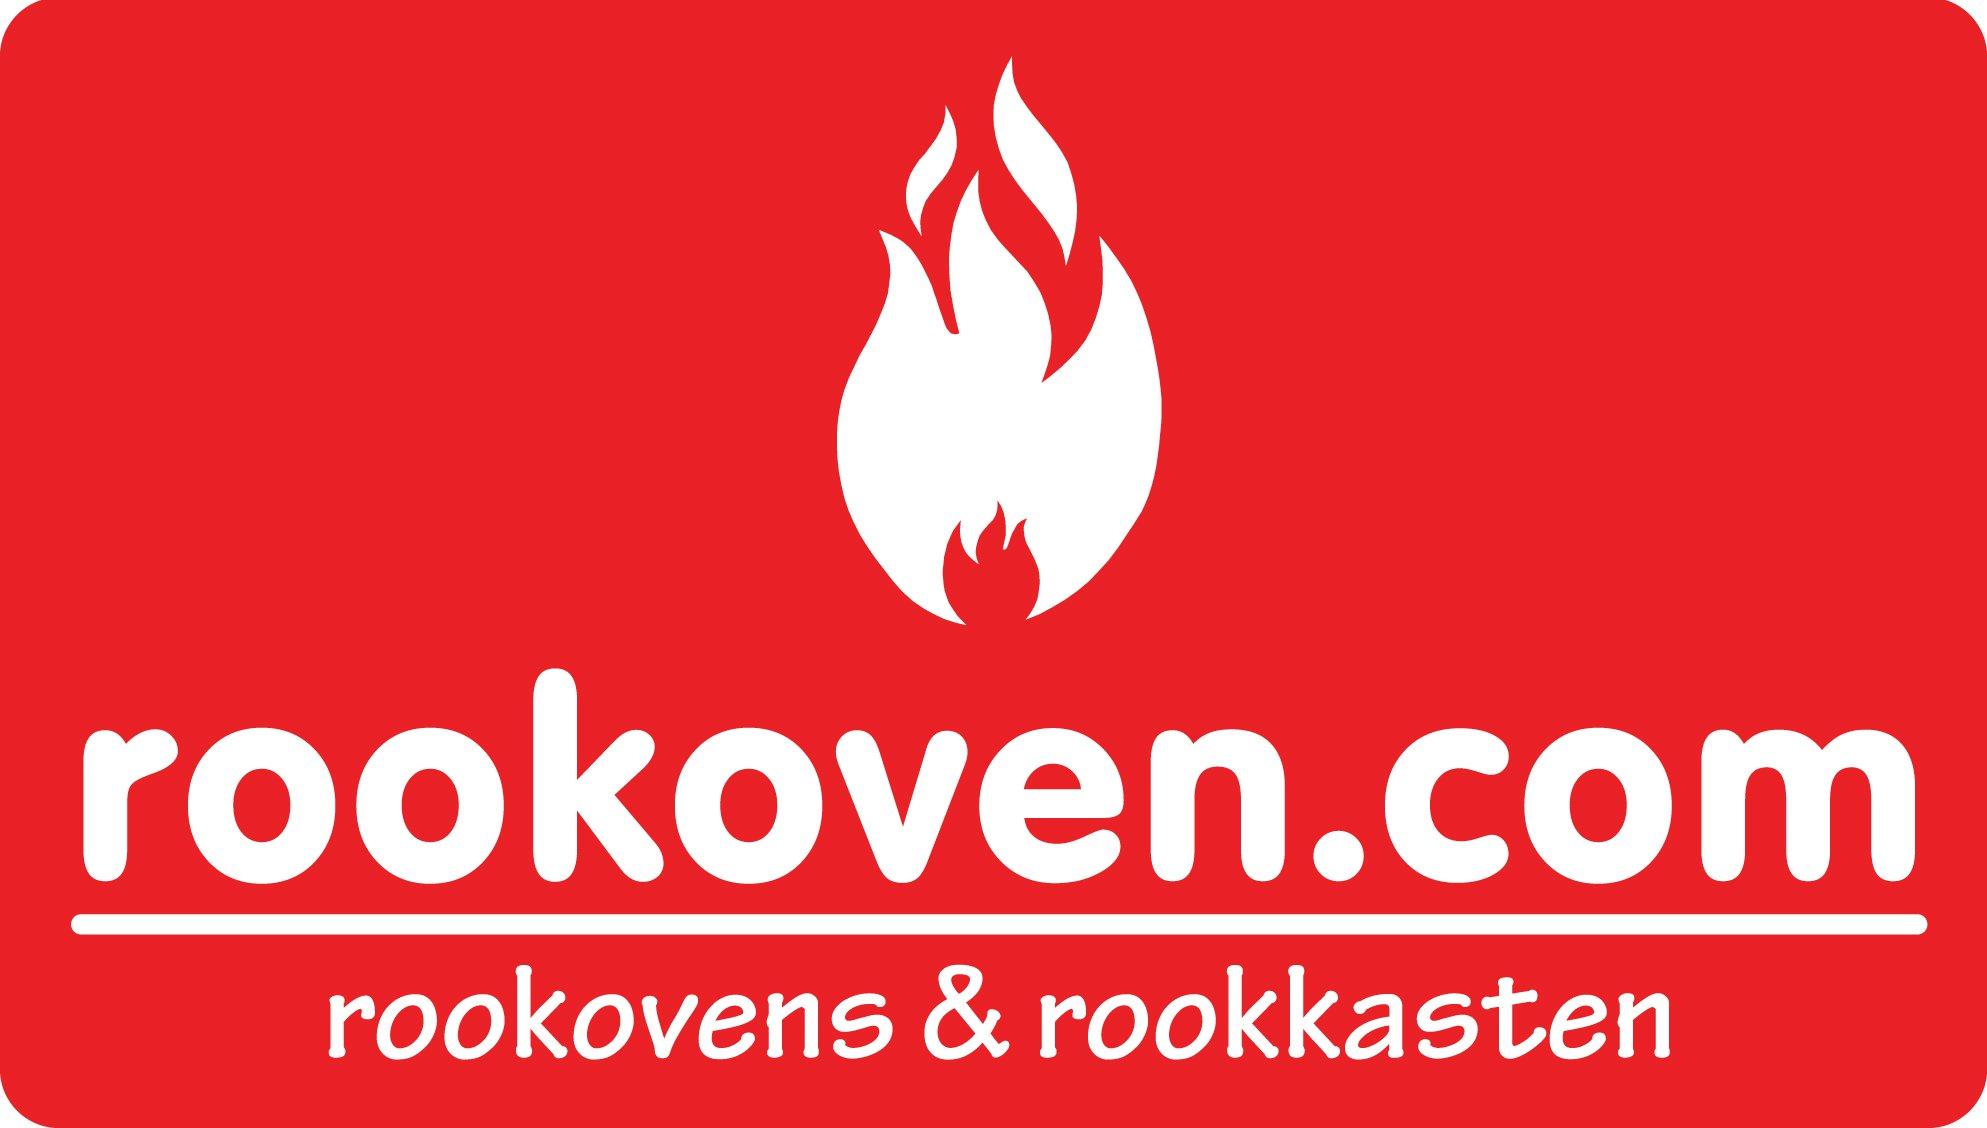 Logo rookoven.com 2